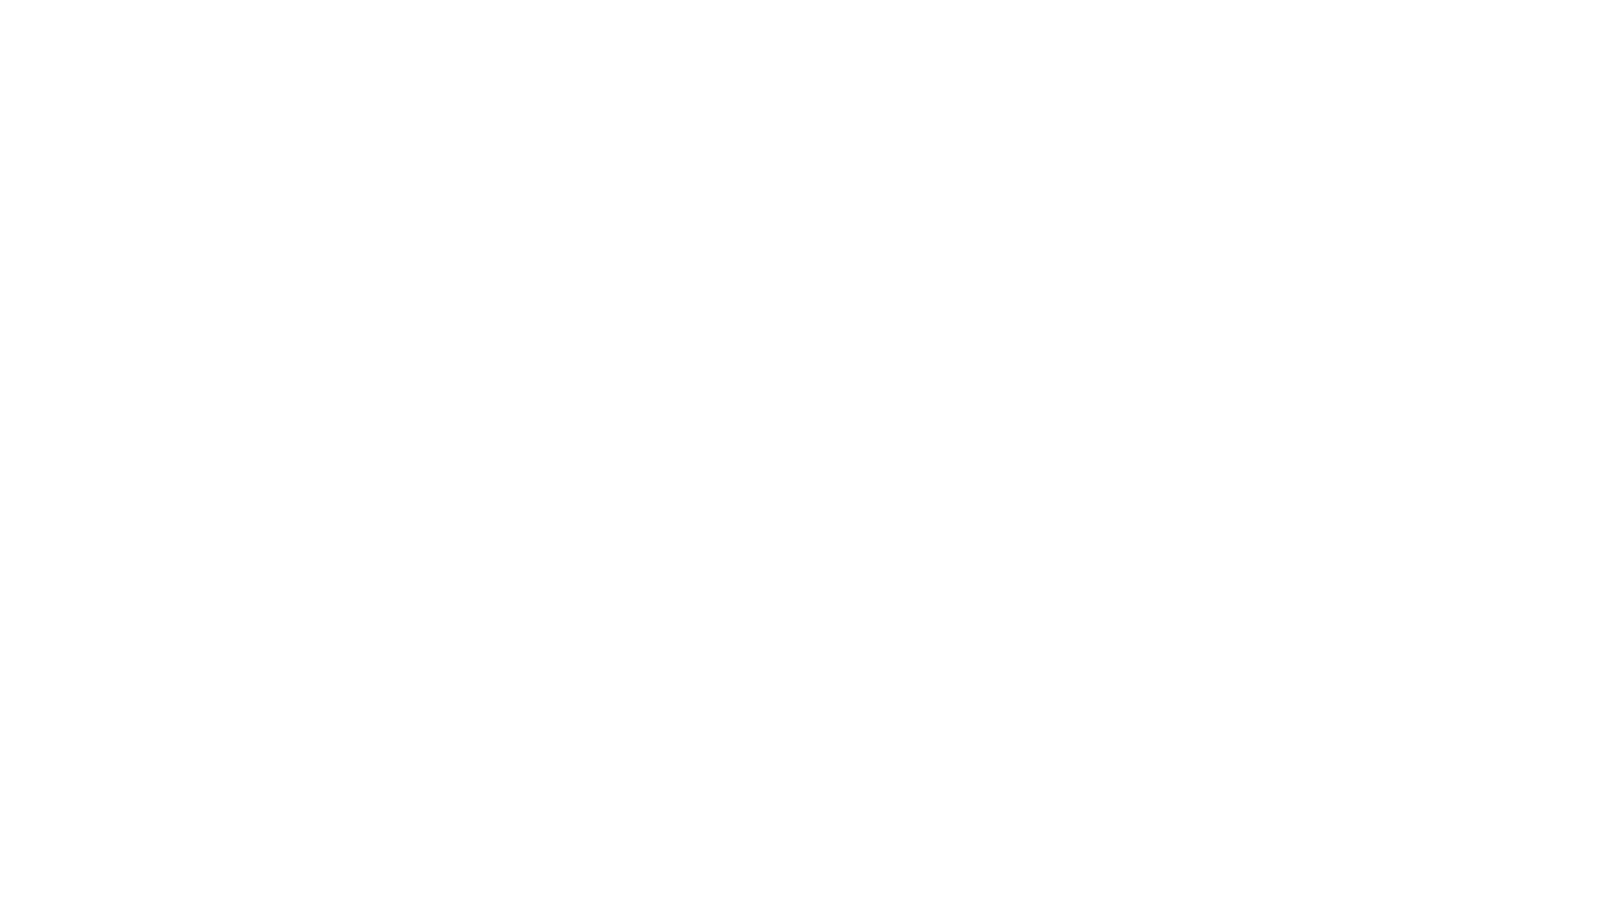 В воскресенье, 4 октября, в Академии борьбы имени Д.Г. Миндиашвили завершился IV открытый краевой турнир по вольной борьбе на призы заслуженного мастера спорта России Заура Батаева. Победителями соревнования стала сборная команда Красноярского края по вольной борьбе.  В этом году соревнования прошли в новом формате – «стенка на стенку», то есть в каждом весе от команды выступает только один человек, а по итогам выступления всей «стенки» выявляется лучшая команда турнира. Такой формат более зрелищный – участники команды «болеют» друг за друга и борются яростнее.  На торжественной церемонии открытия соревнований основатель турнира Заур Батаев поздравил всех присутствующих и открыл турнир: «Добрый день, дорогие друзья! Спасибо вам за теплые слова. Рад всех приветствовать в стенах Академии борьбы имени Д.Г. Миндиашвили. Хотелось бы сказать слова благодарности администрации города, министерству спорта края, Академии борьбы за сотрудничество и помощь в организации турнира. Также хотелось бы поблагодарить моих друзей, которые даже в такое непростое время оказали турниру неоценимую поддержку. Без всех вас это мероприятие не состоялось бы! А ребятам хотелось бы пожелать успехов в спорте, в борьбе, хочется, чтобы сегодня вы показали яркую борьбу – пусть победит сильнейший!».  За награды боролось около 80 спортсменов – из Новосибирской, Кемеровской и Иркутской областей, Красноярского края, Республик Тыва и Бурятия. Золото соревнований завоевали спортсмены из Красноярского края. Серебряными призерами стали спортсменами из Республики Тыва. Бронзу выиграла сборная команда Республики Бурятии.  Специальный приз «За лучшую технику» был вручен спортсмену из Республики Бурятии Кудеру Монгушу, приз «За волю к победе» и «Лучший борец турнира» получили спортсмены из Красноярского края Иван Кочевой и Антон Сучков.   Победители и призеры турнира на призы Заура Батаева:  🥇1 место – сборная команда Красноярского края. Состав: Иван Кочевой (57 кг), Илья Ставер (57 кг), Аршак Оганнисян (61 кг)